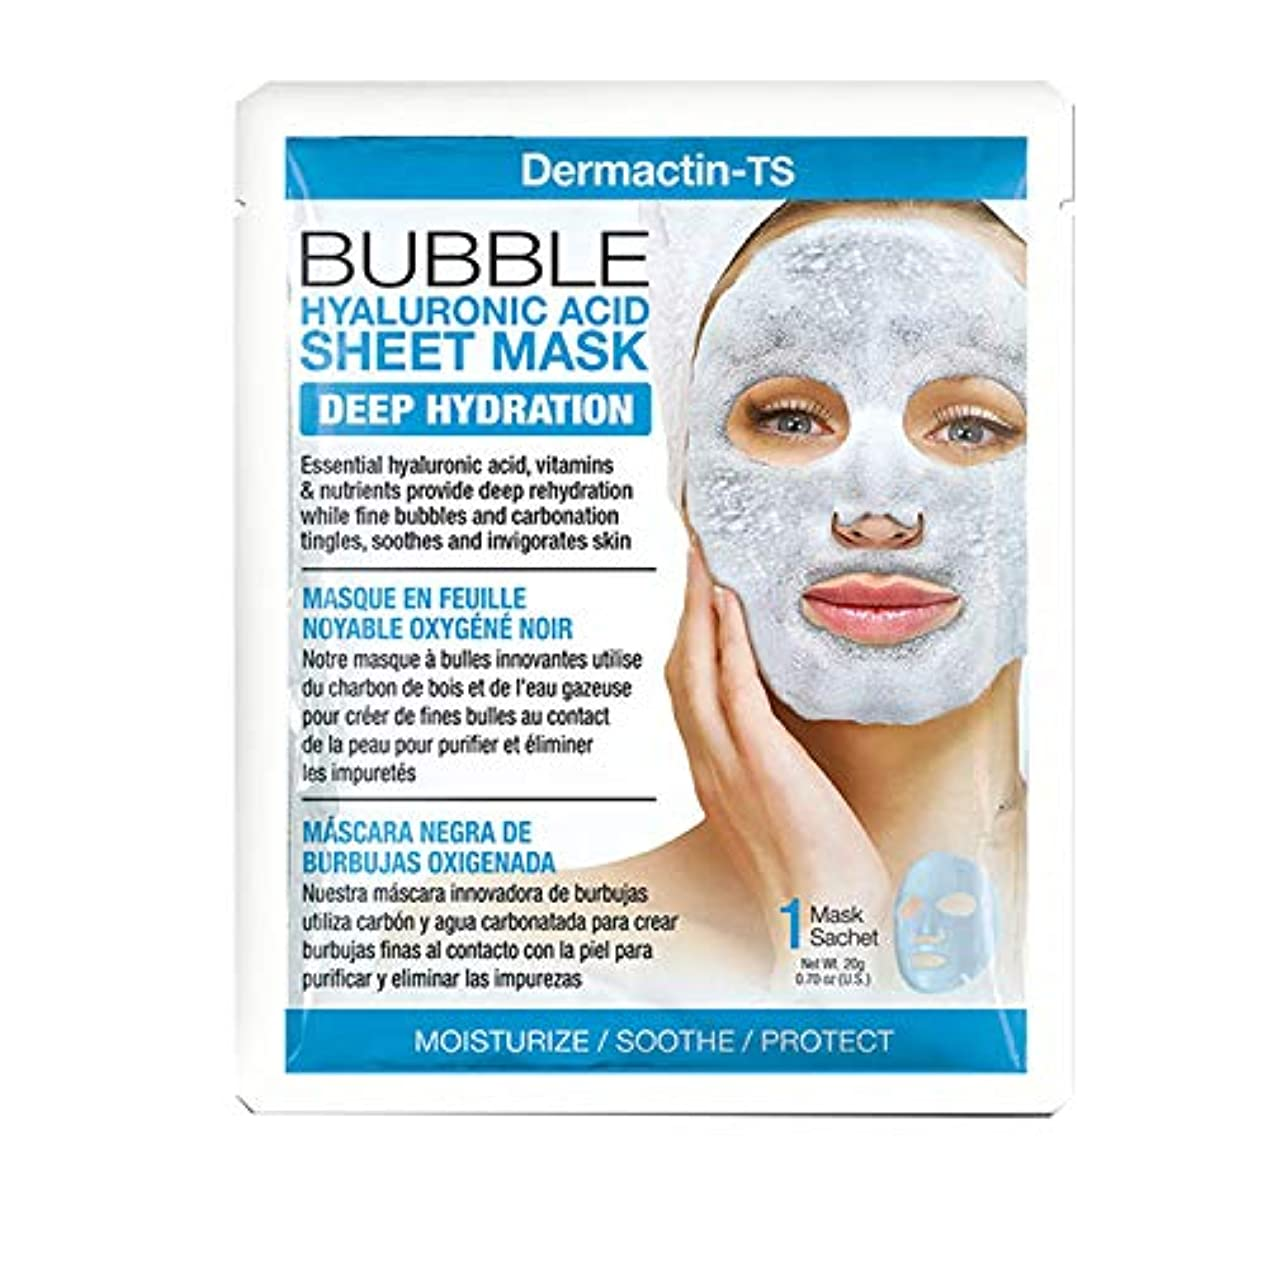 影響を受けやすいです絶対の画面Dermactin-TS バブルヒアルロン酸シートマスク (並行輸入品)